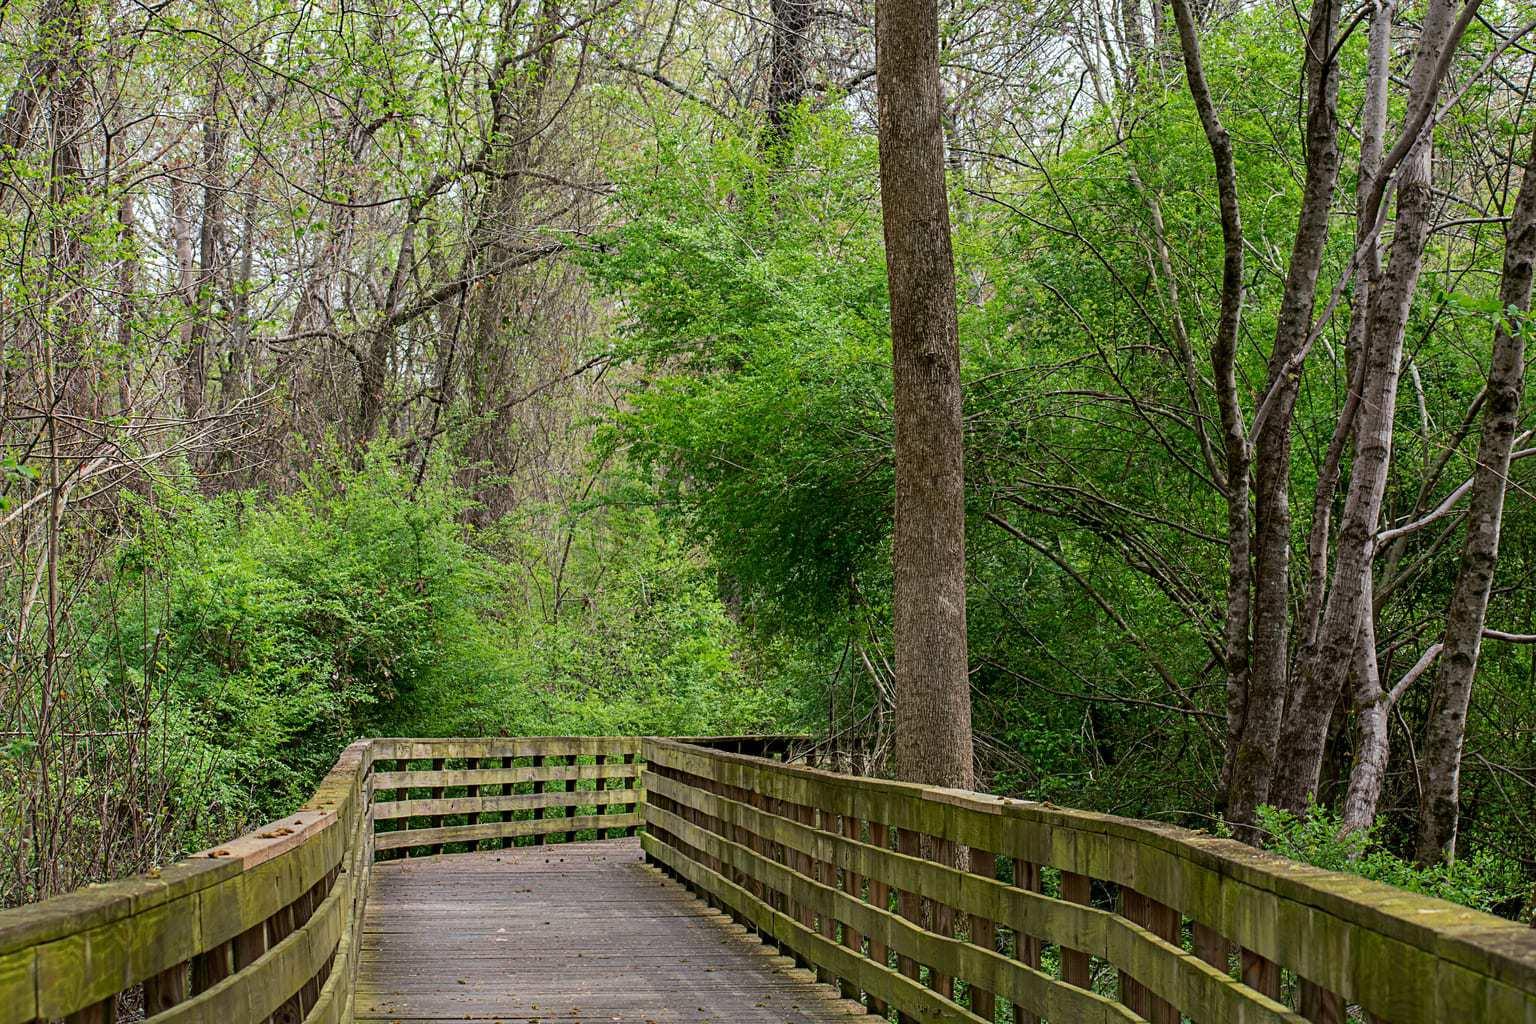 Hiking in North Georgia, Big Creek Greenway